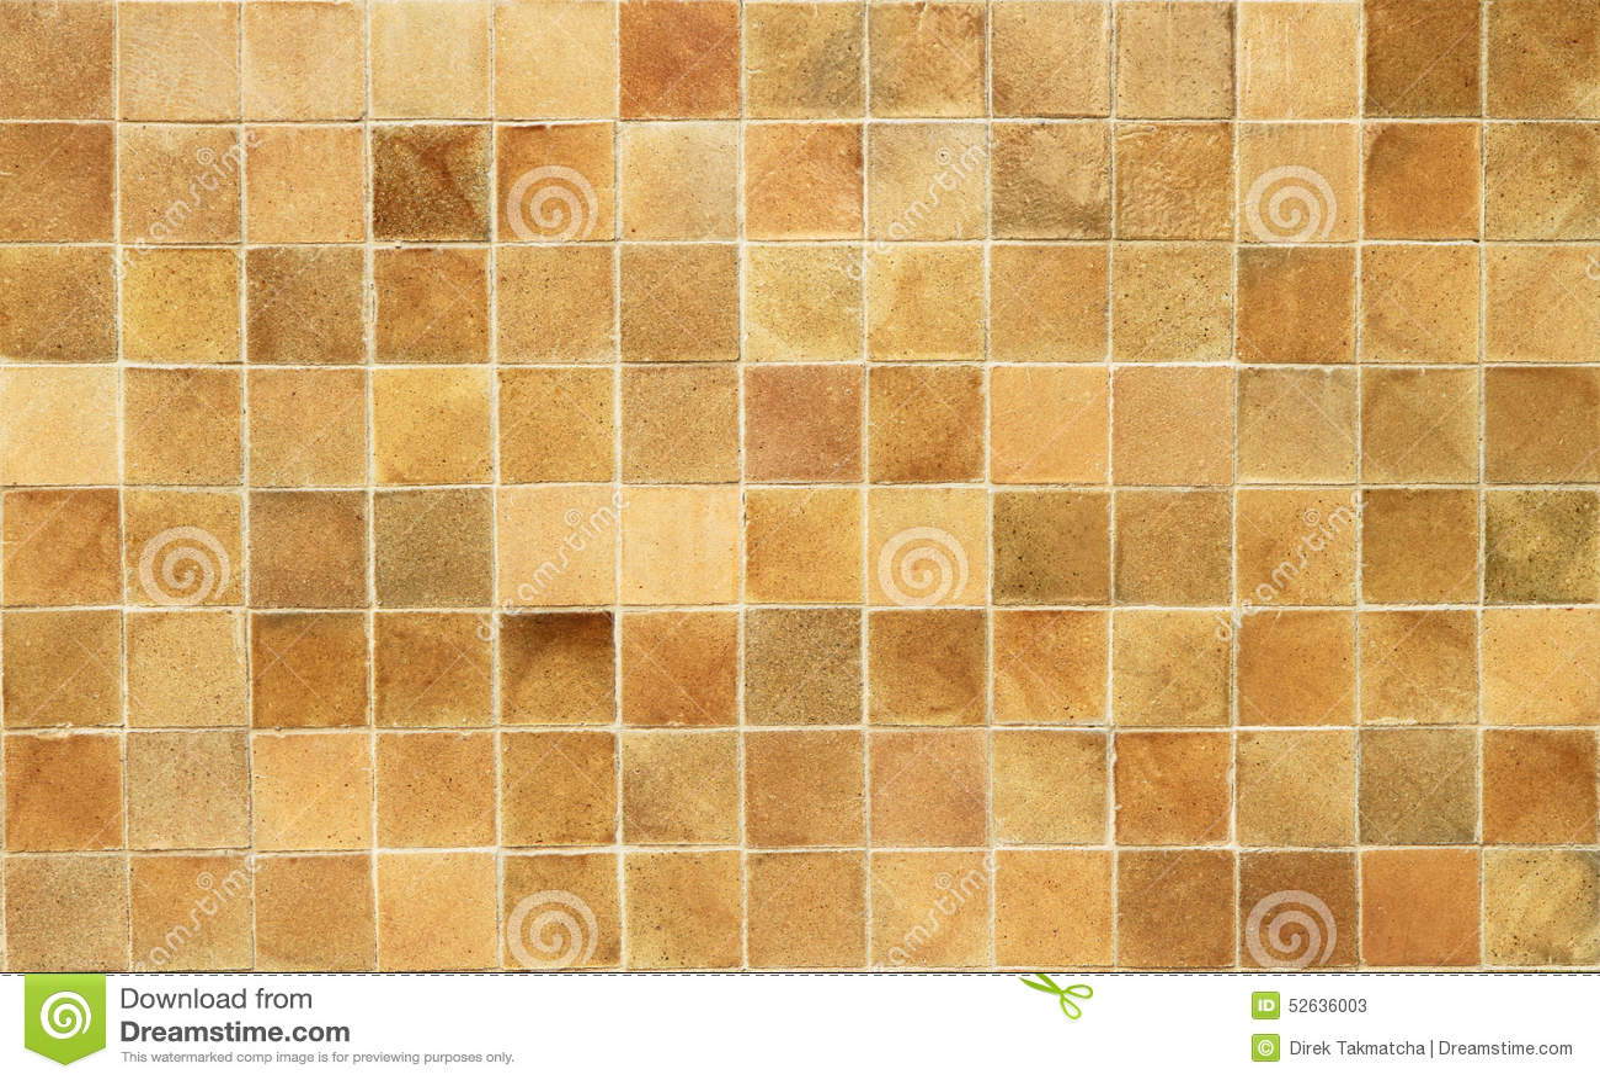 Reticolo quadrato delle mattonelle del brown immagine stock